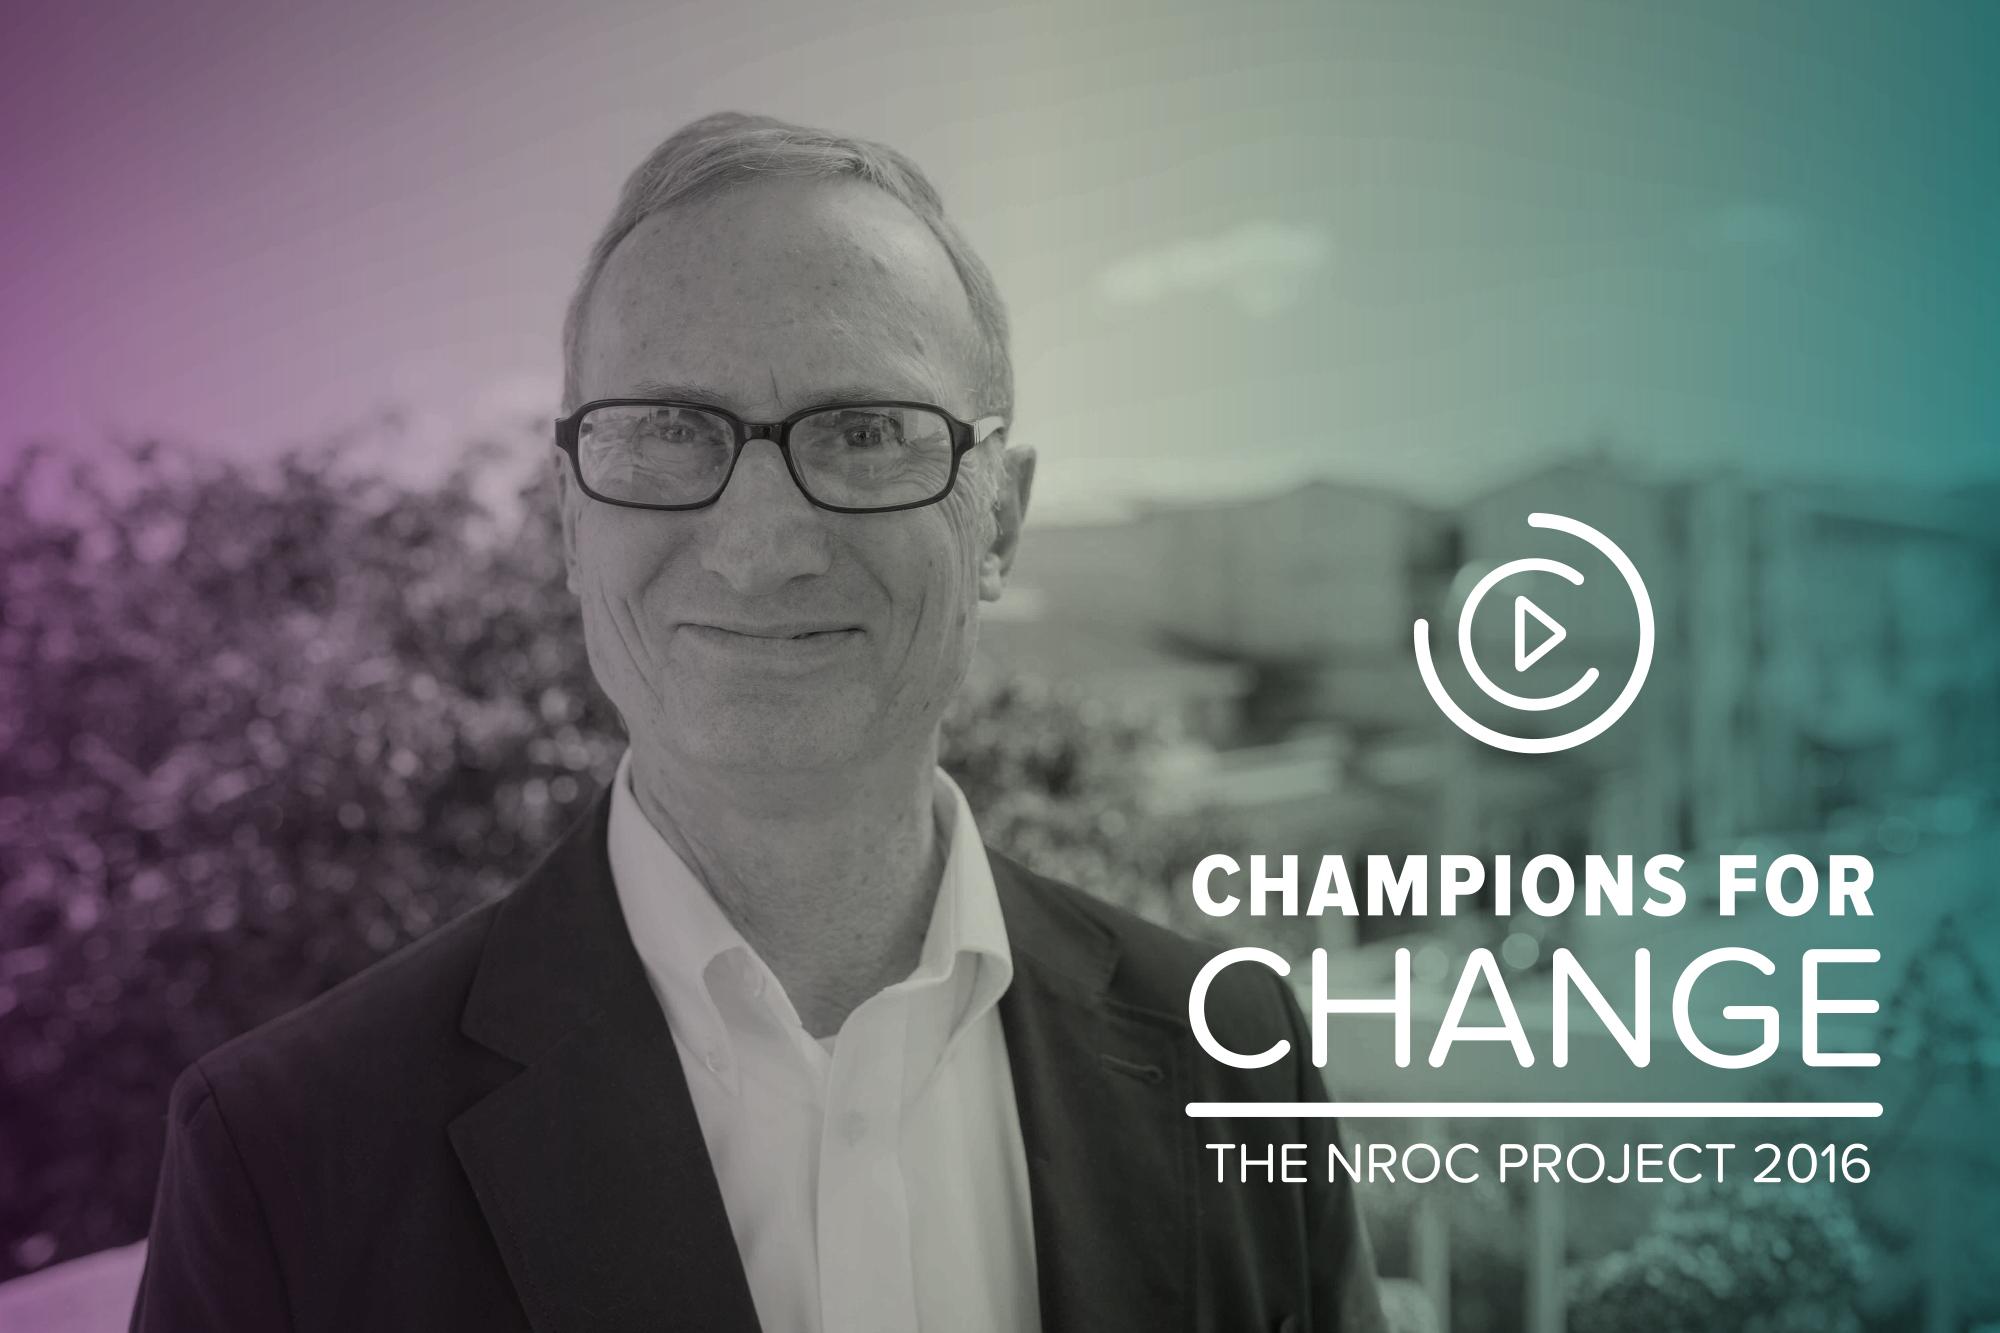 NROC-C4C-poster-face-LARGE_v3-5-hr.jpg